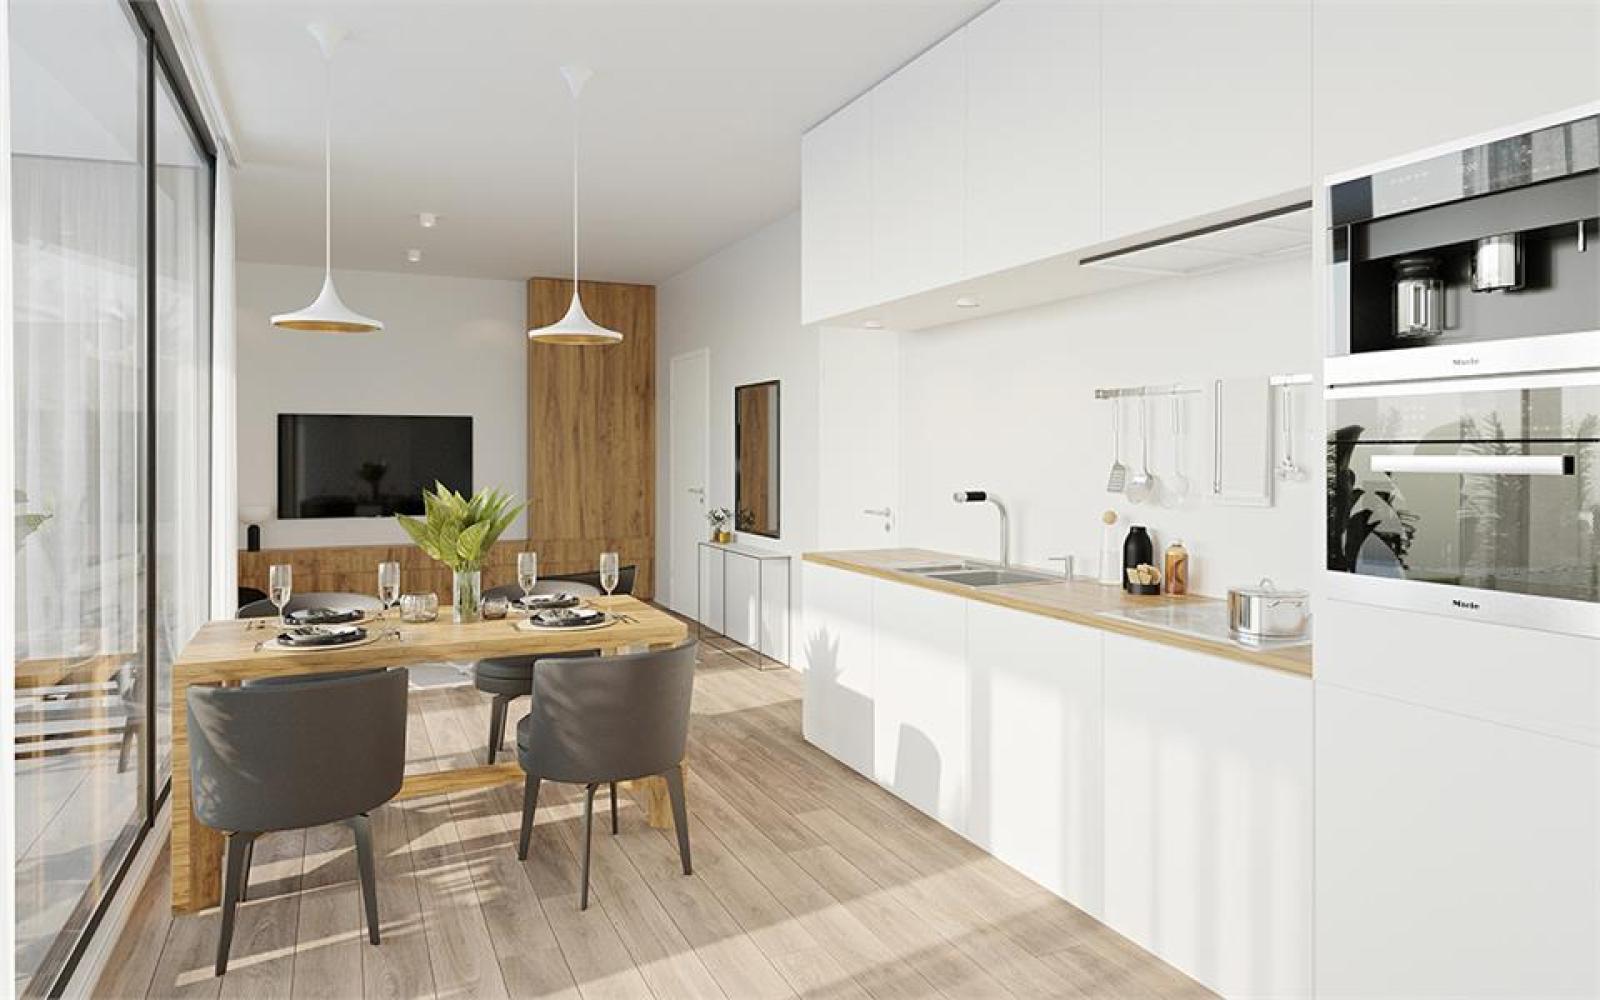 Prachtig gelijkvloers appartement te Zandhoven, met zicht op agrarisch gebied! afbeelding 1